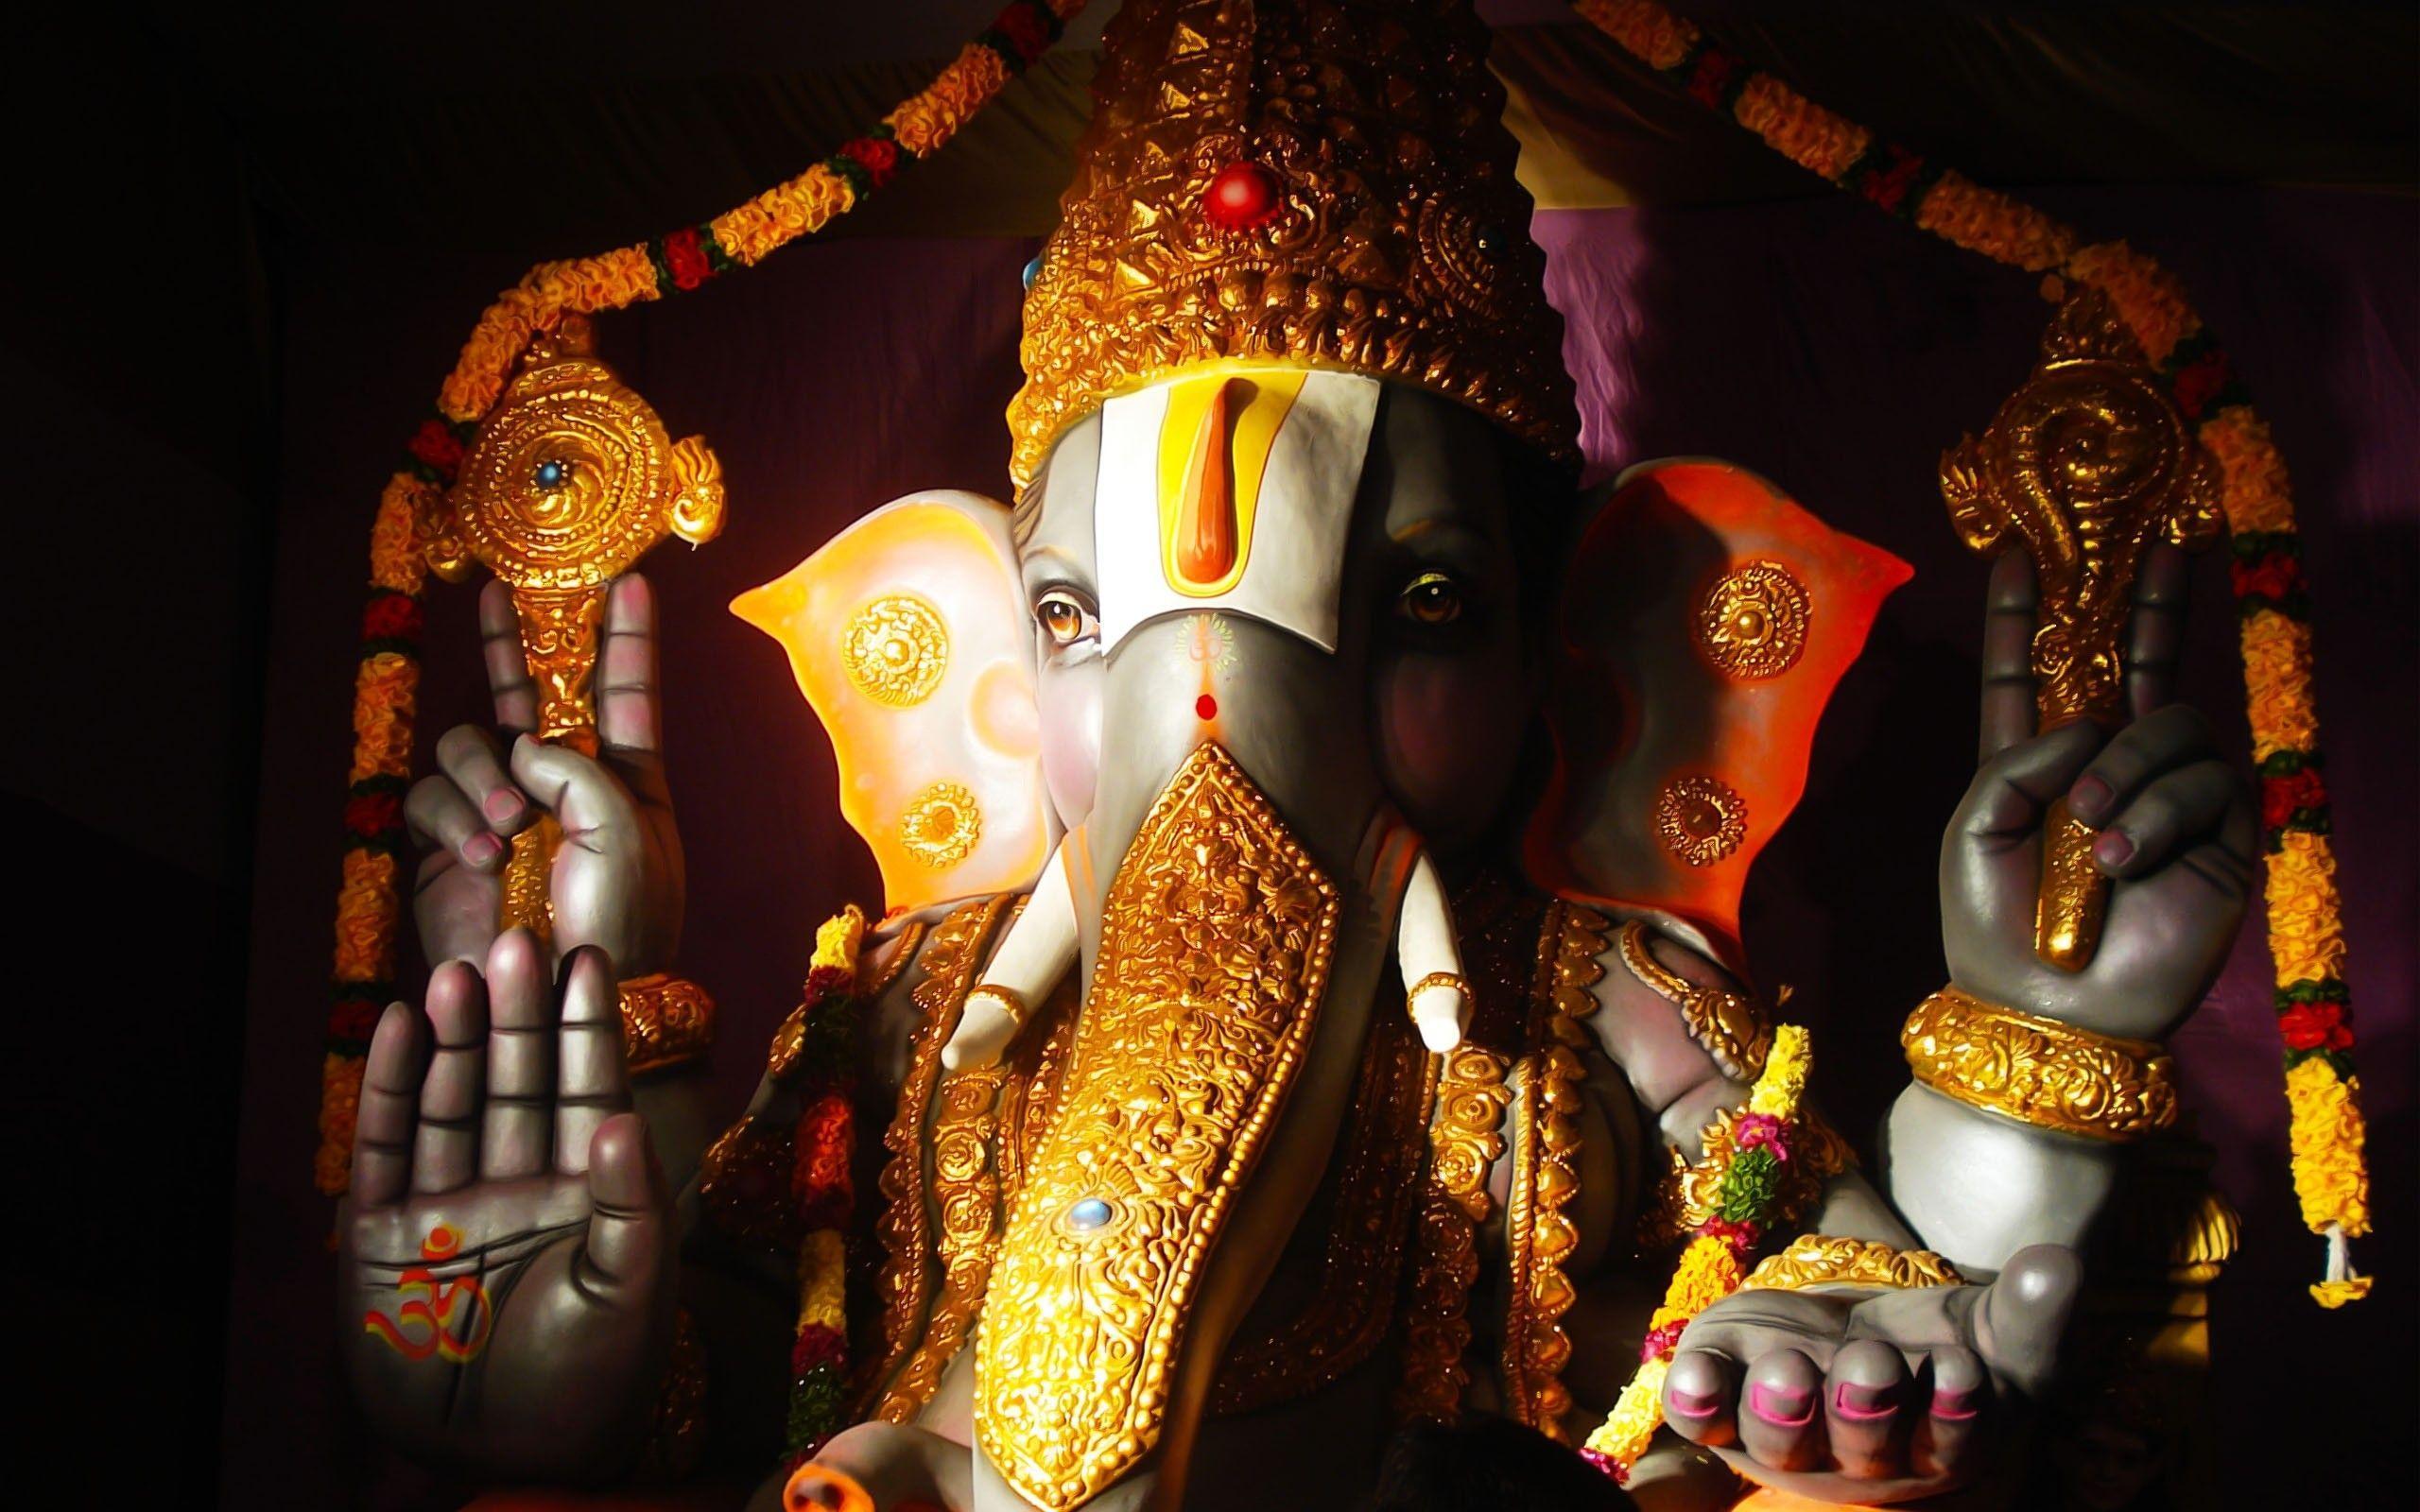 Download - Ganesh Chaturthi Wallpapers_1